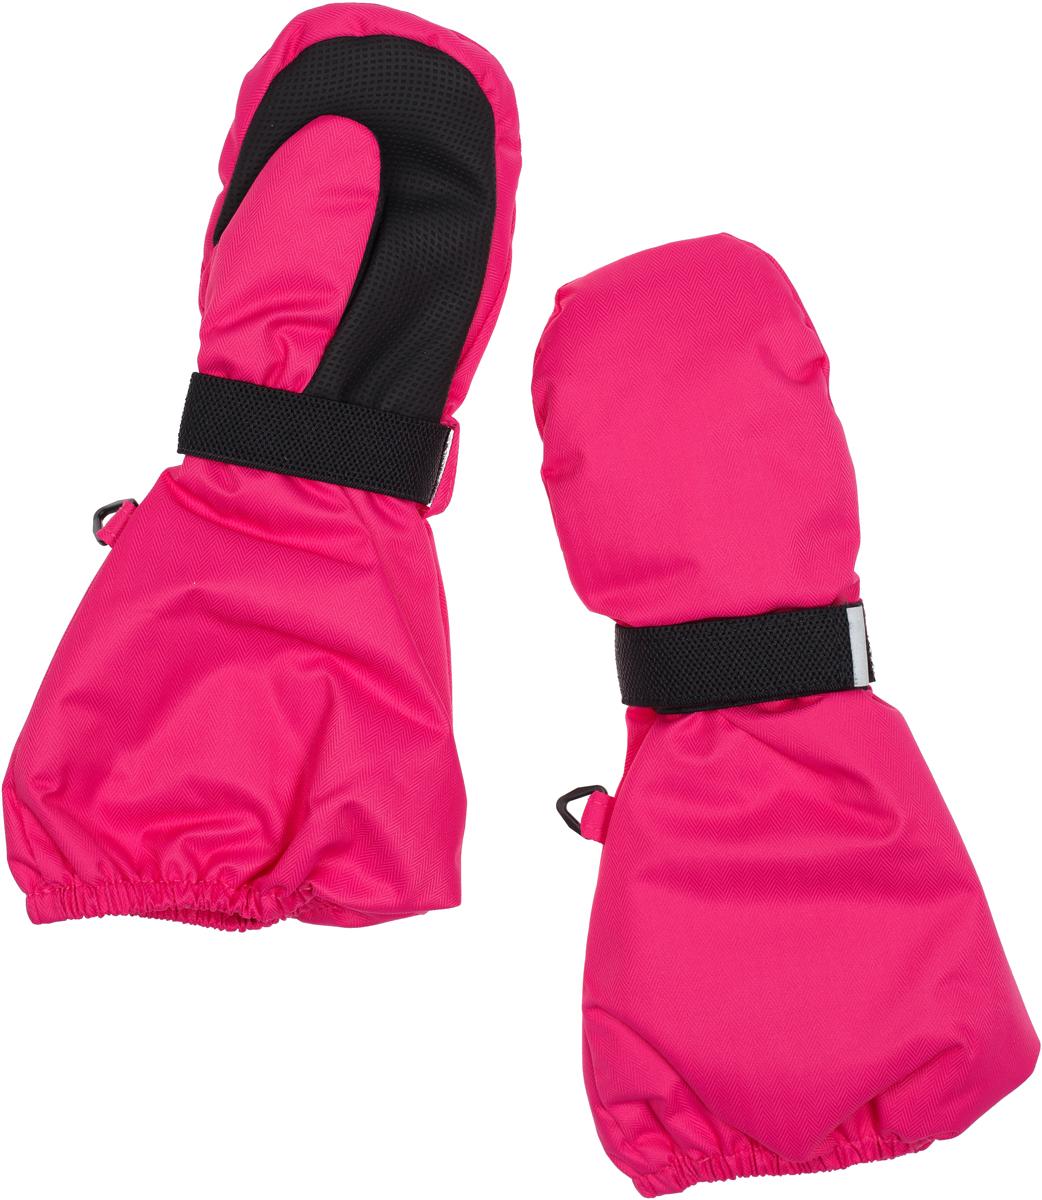 Варежки-краги для девочки atPlay!, цвет: розовый. 1mit7441. Размер 51mit7441В варежках-крагах от atPlay! ребенку не страшен ни снег, ни мороз. Ткань верха в сочетании с дышащими свойствами мембраны 10000/10000 и водоотталкивающим покрытием Teflon защищает от мокрого снега и от ветра. Ладонь усилена вставками из прорезиненной ткани. Удобный эластичный хлястик с липучкой, надежно фиксирует руку ребенка в варежке.